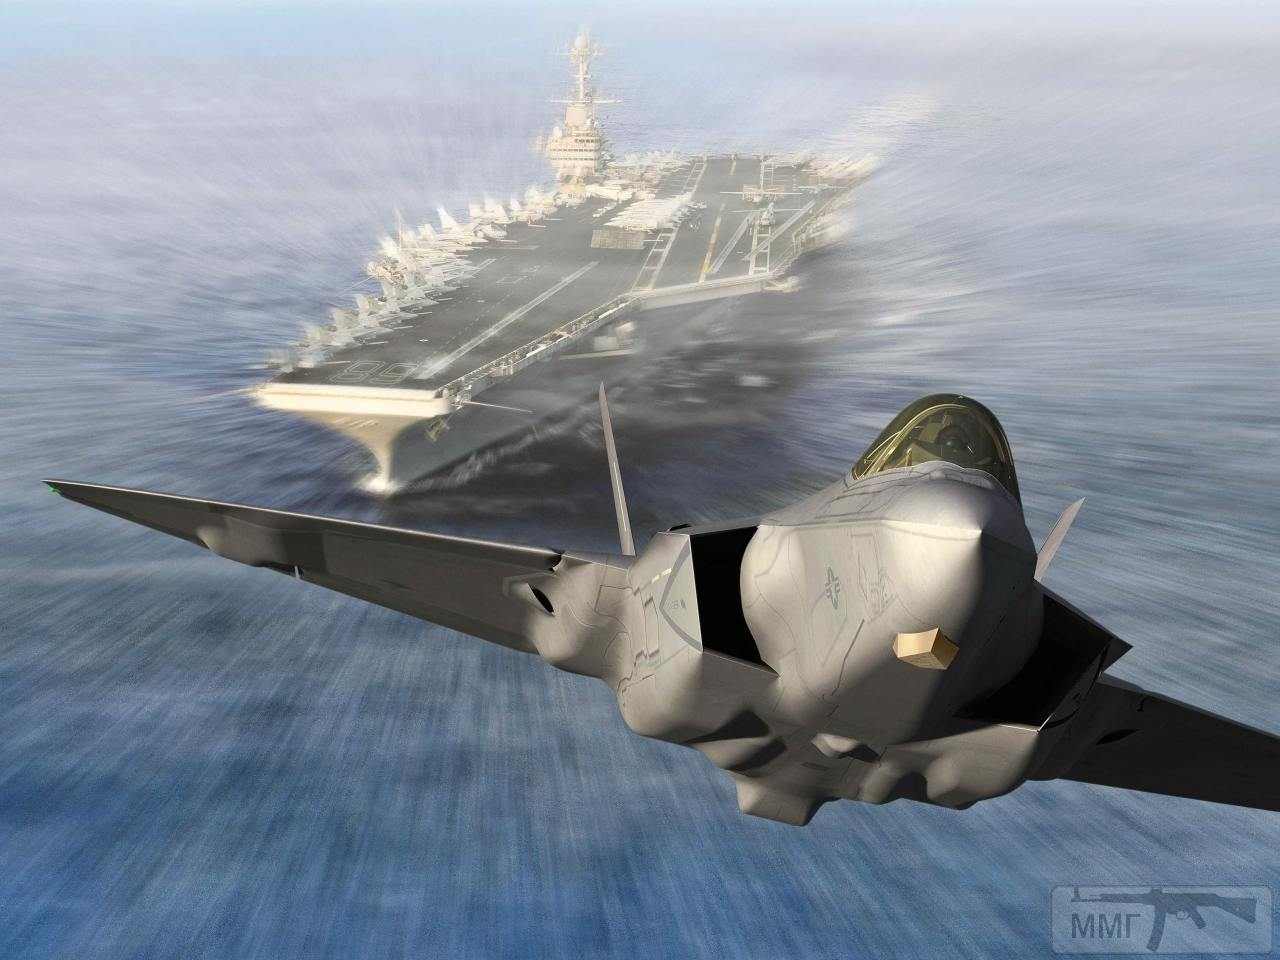 33063 - Красивые фото и видео боевых самолетов и вертолетов